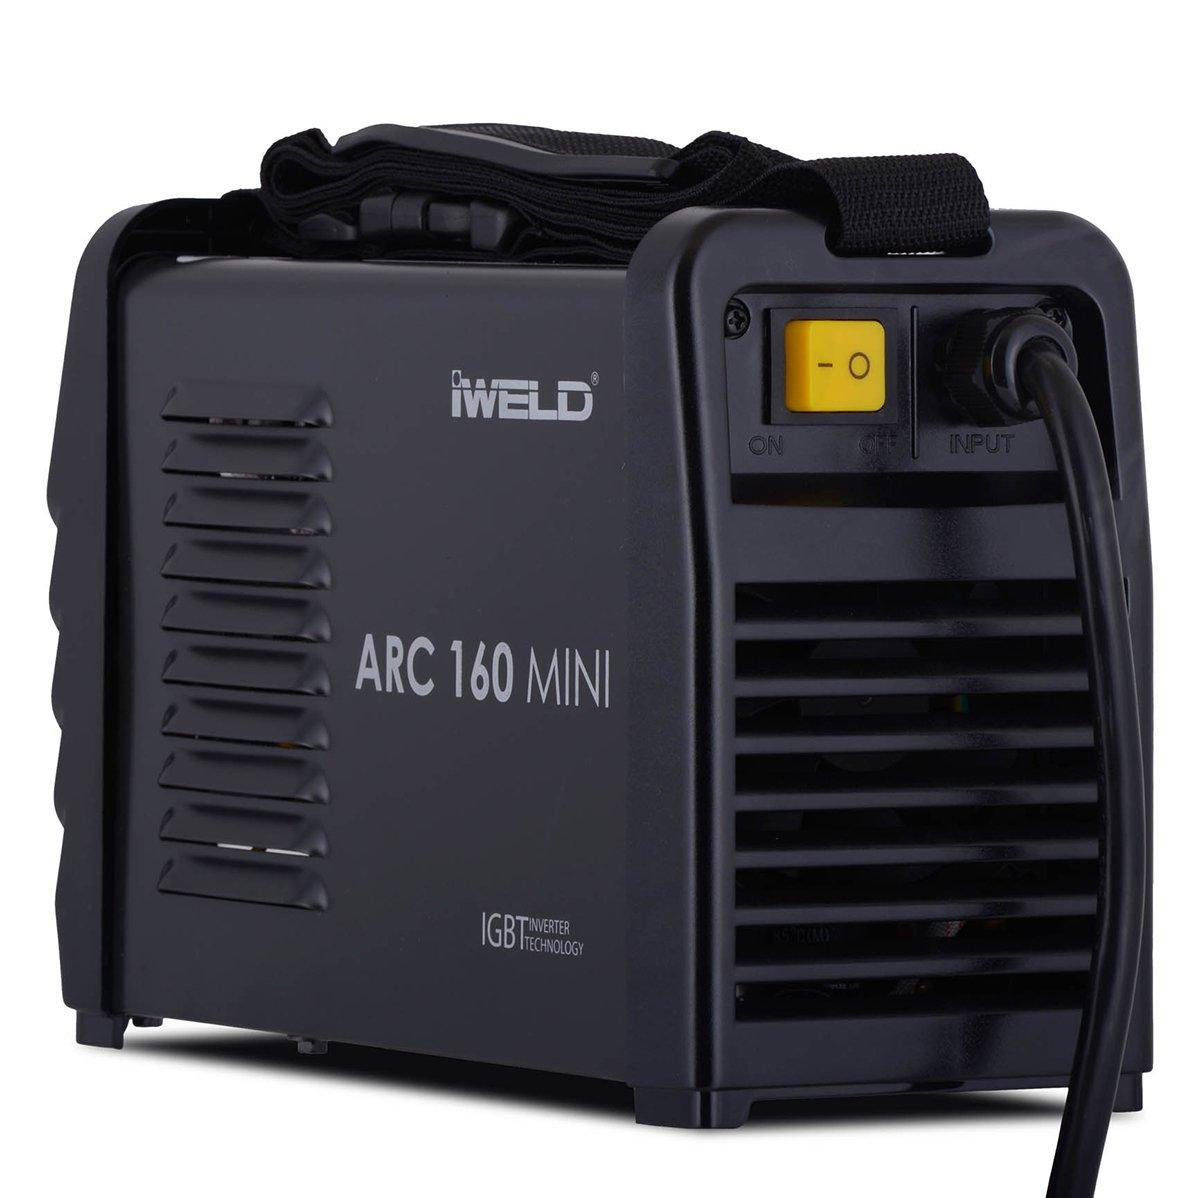 IWELD ARC 160 MINI